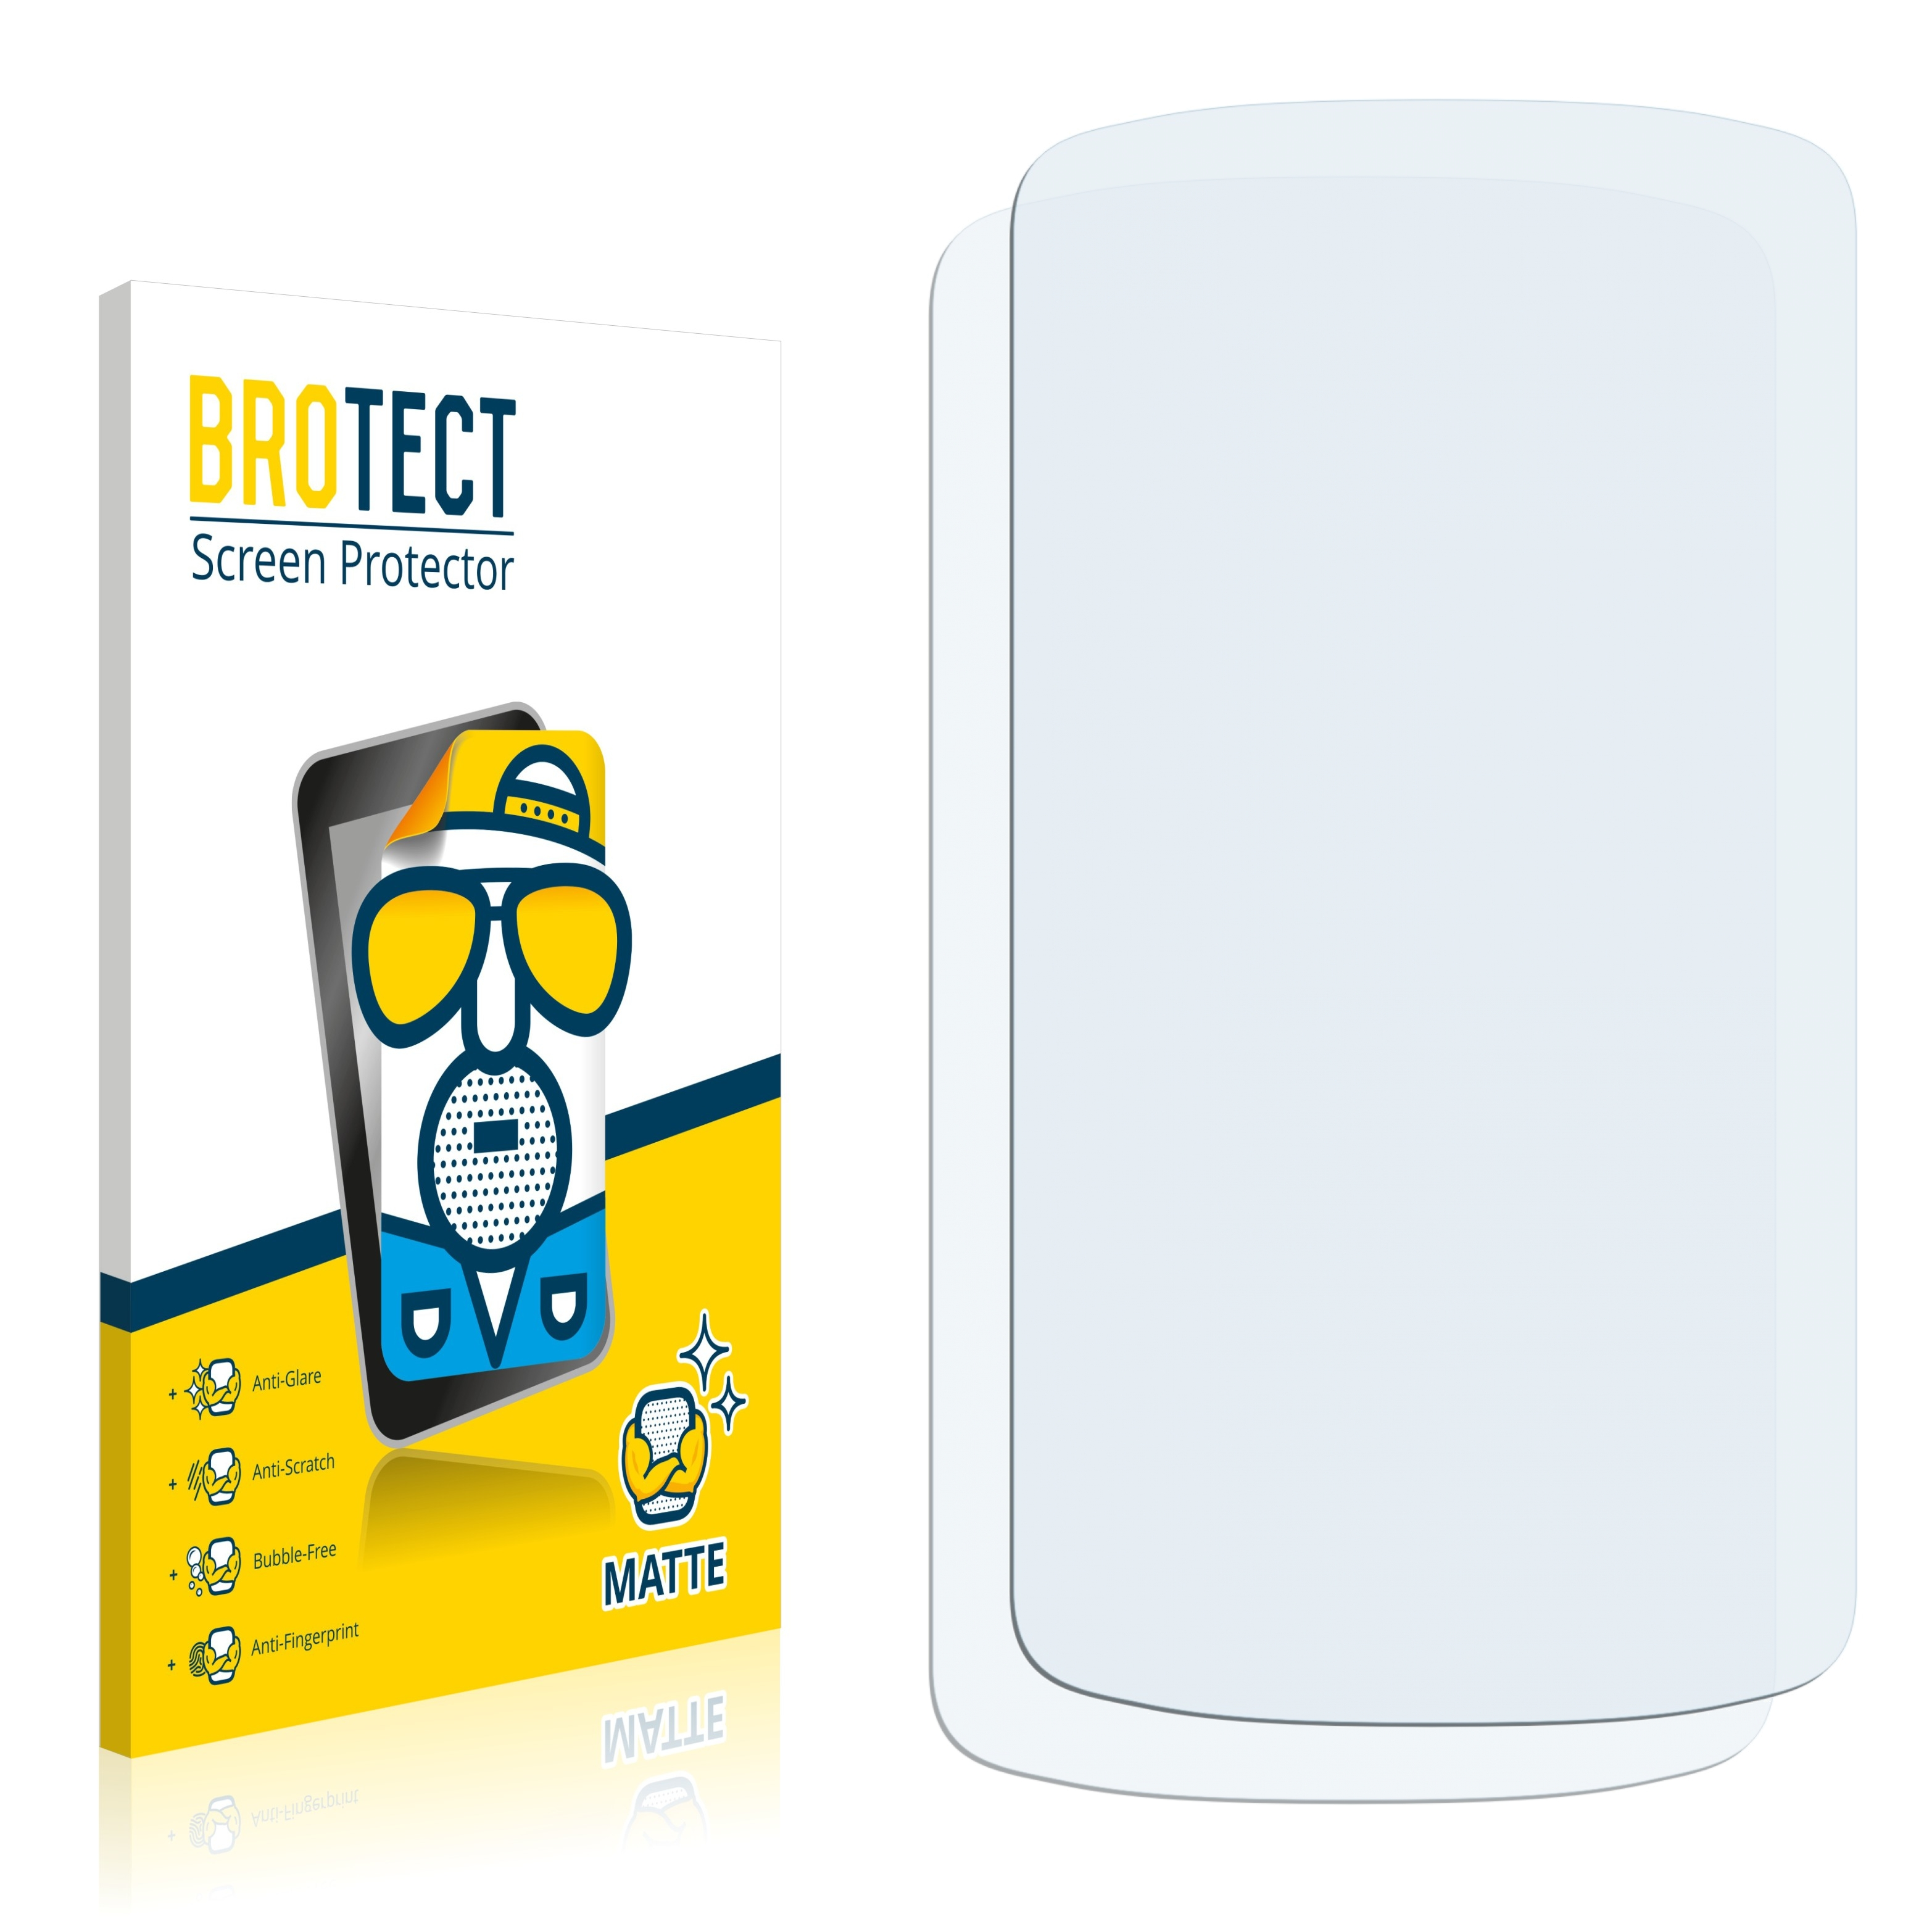 Matná ochranná fólie BROTECT pro Acer Liquid E1 Duo, 2 ks